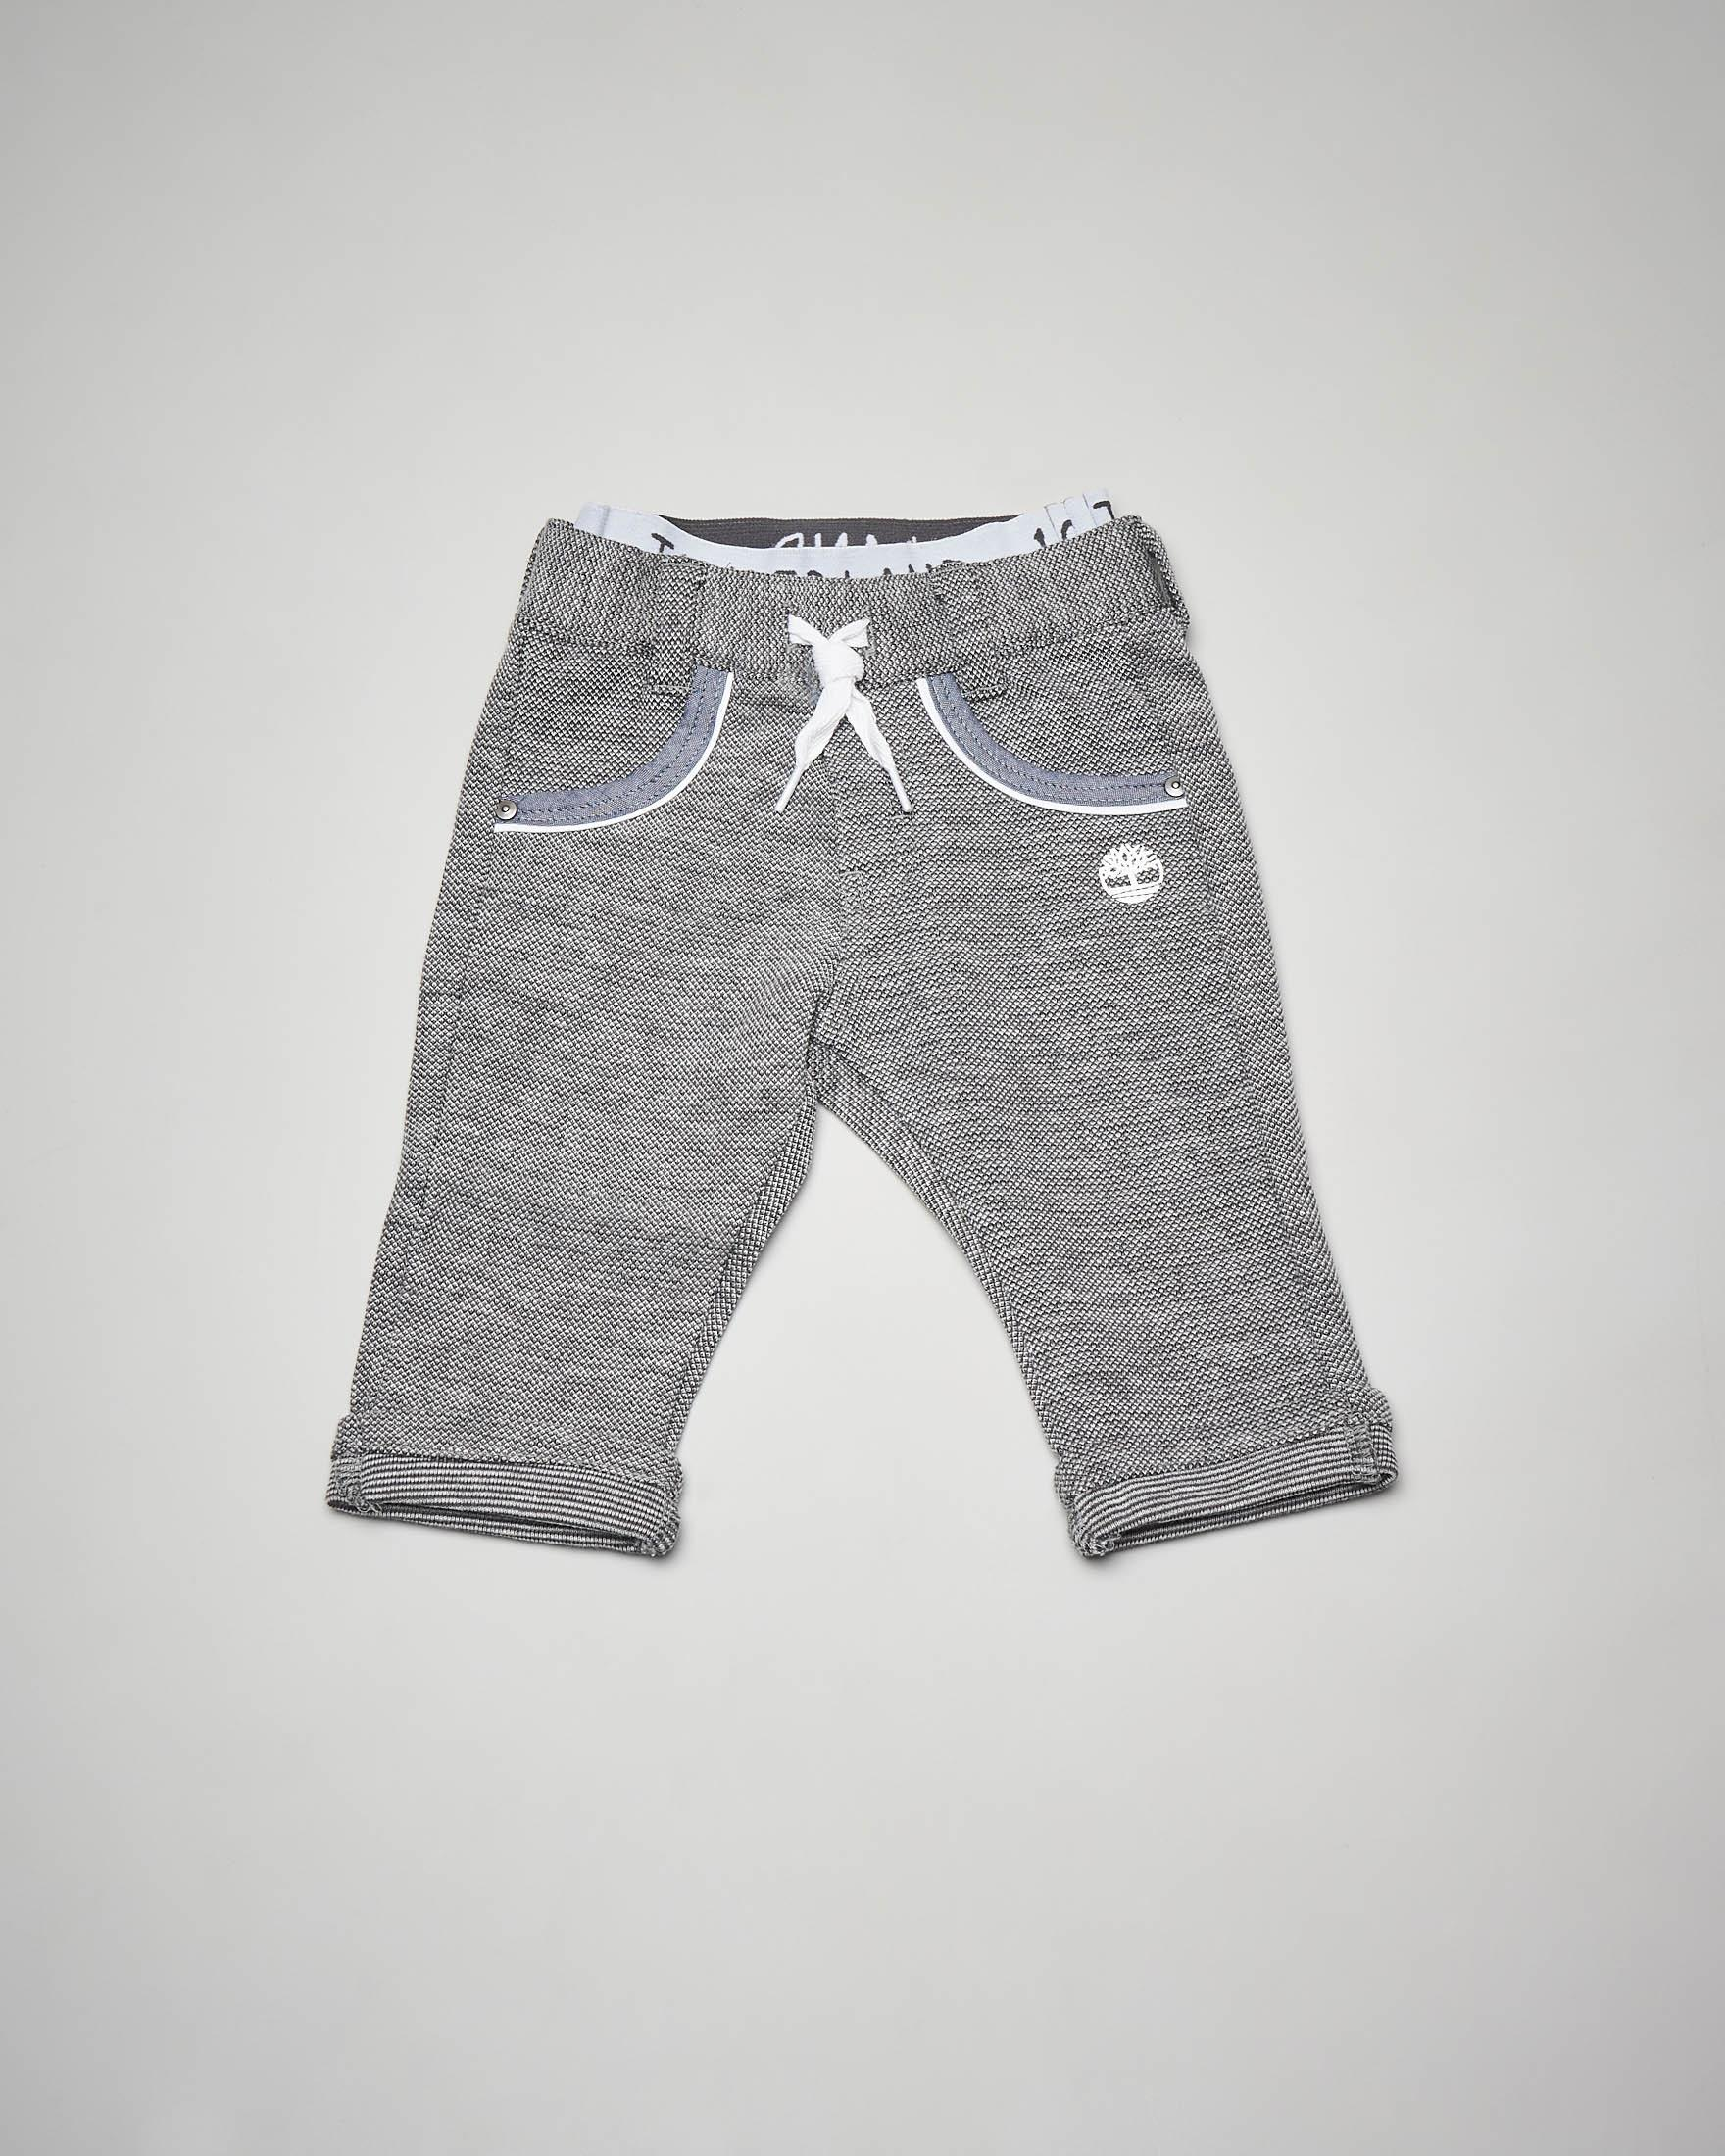 Pantalone grigio chiaro in piquet di cotone